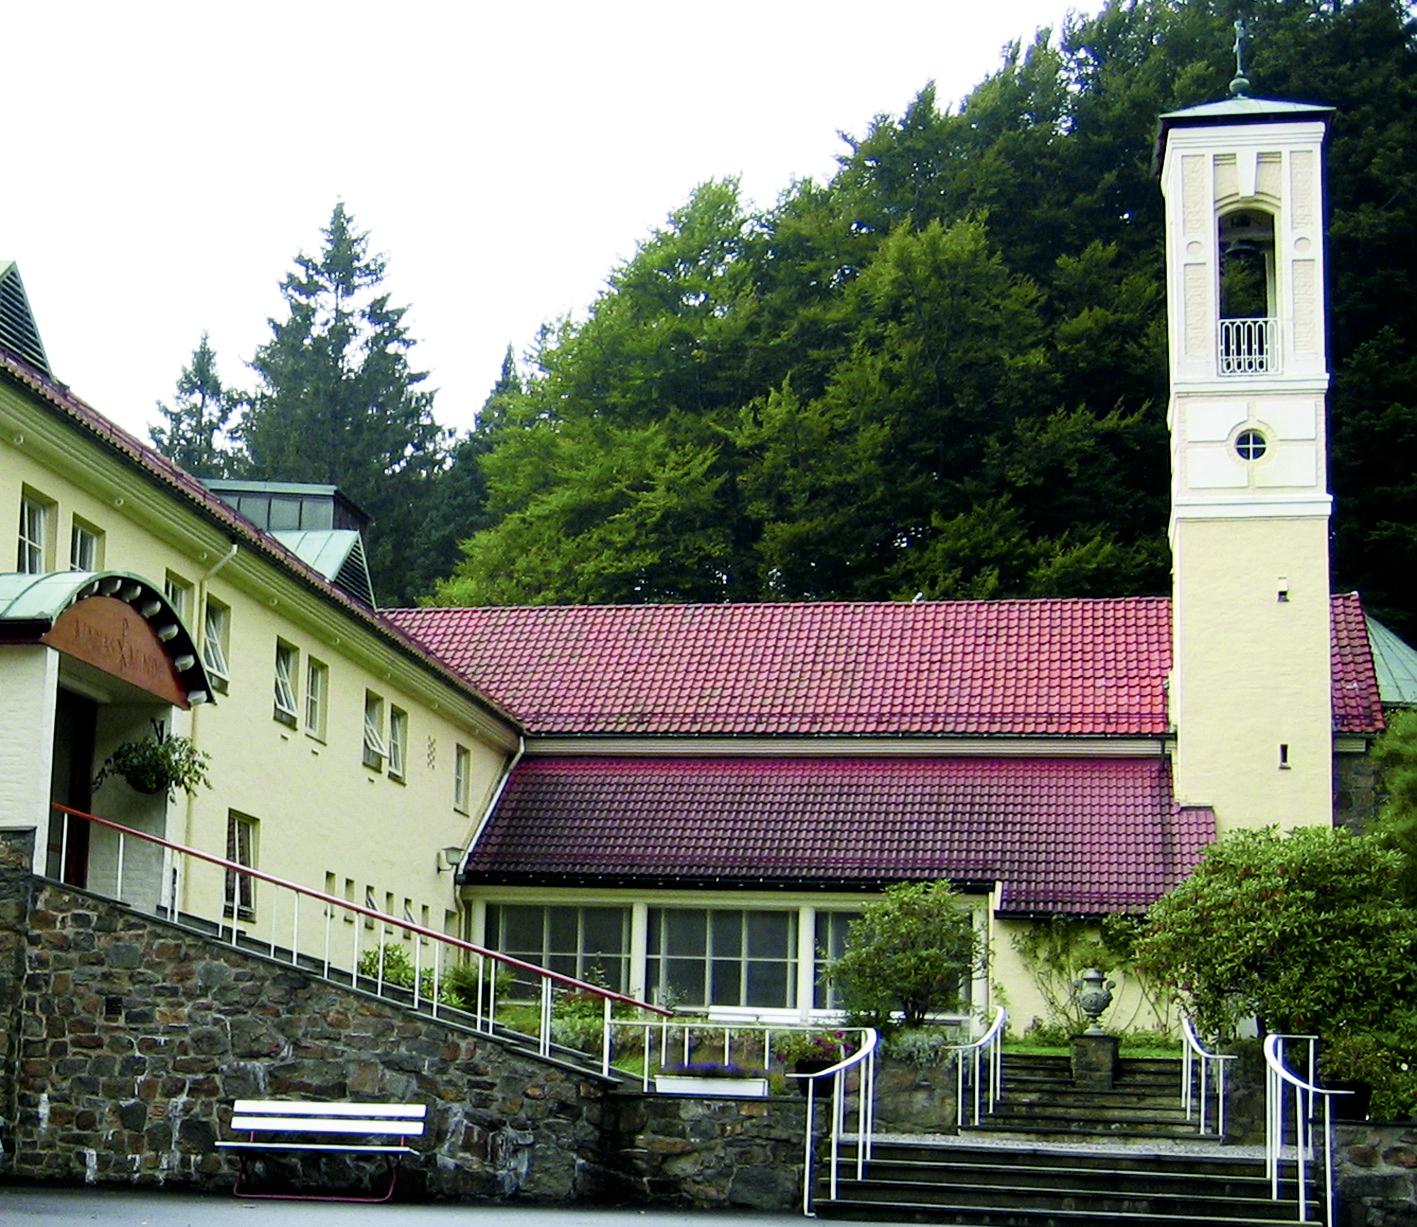 Vår Frue kirke på Marias Minde i Sandviken, St. Franciskus-søstrenes hjem, er tegnet av Fredrik Konow Lund i italiensk stil med høy campanile.